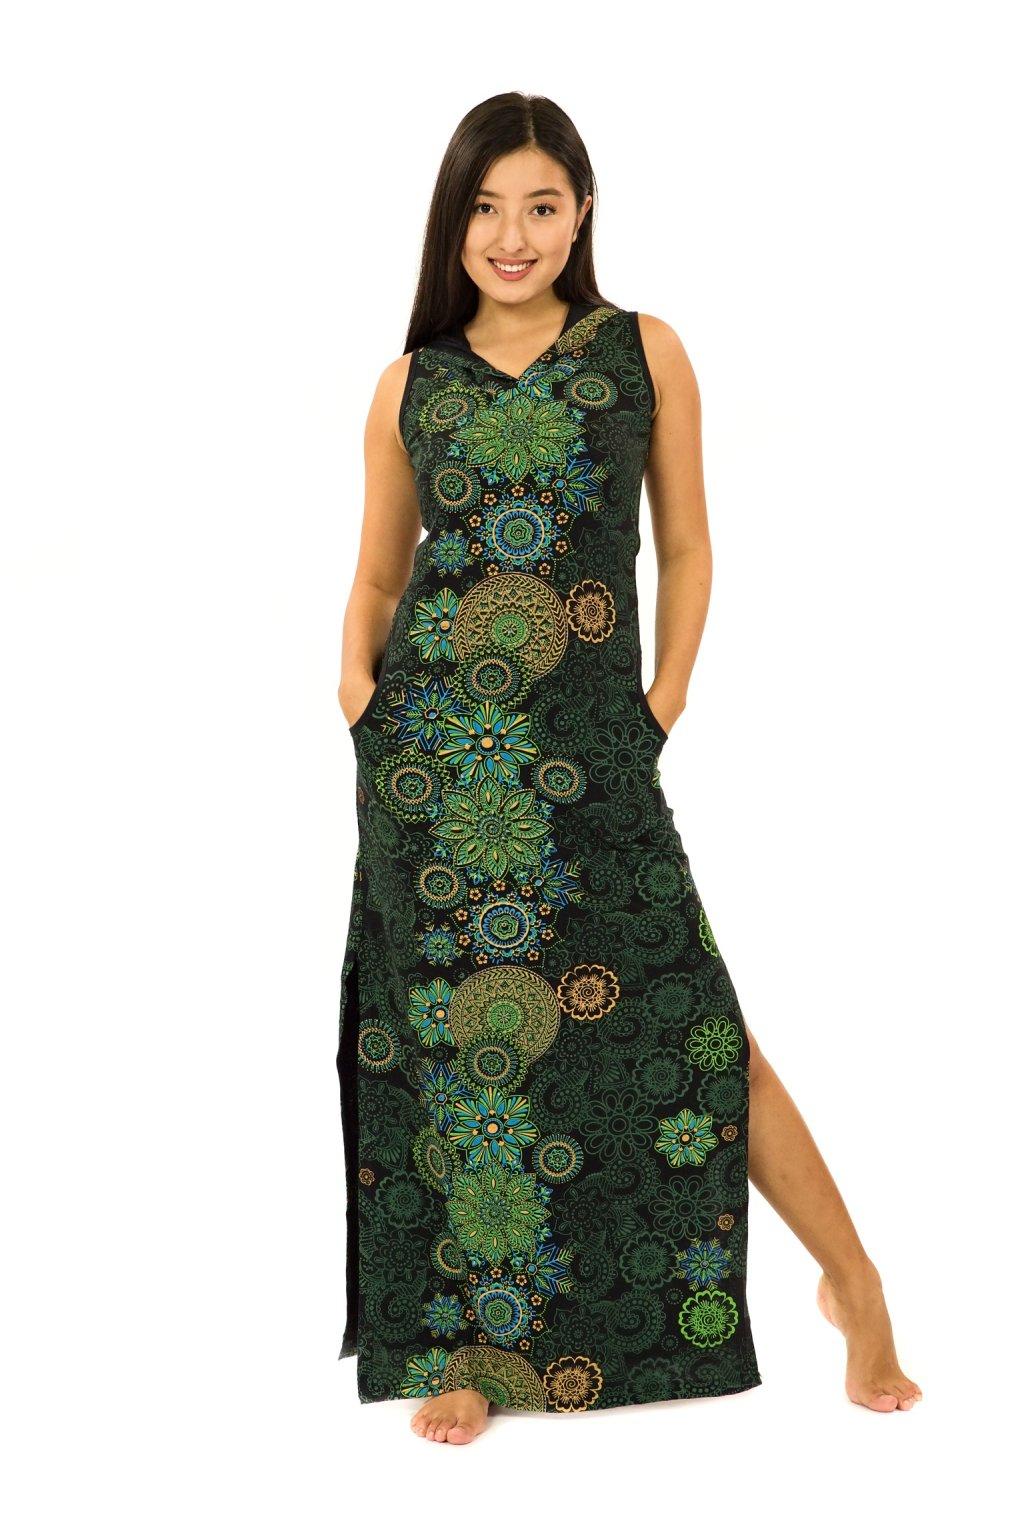 Dlouhé šaty s kapucí Sharma - černá se zelenou